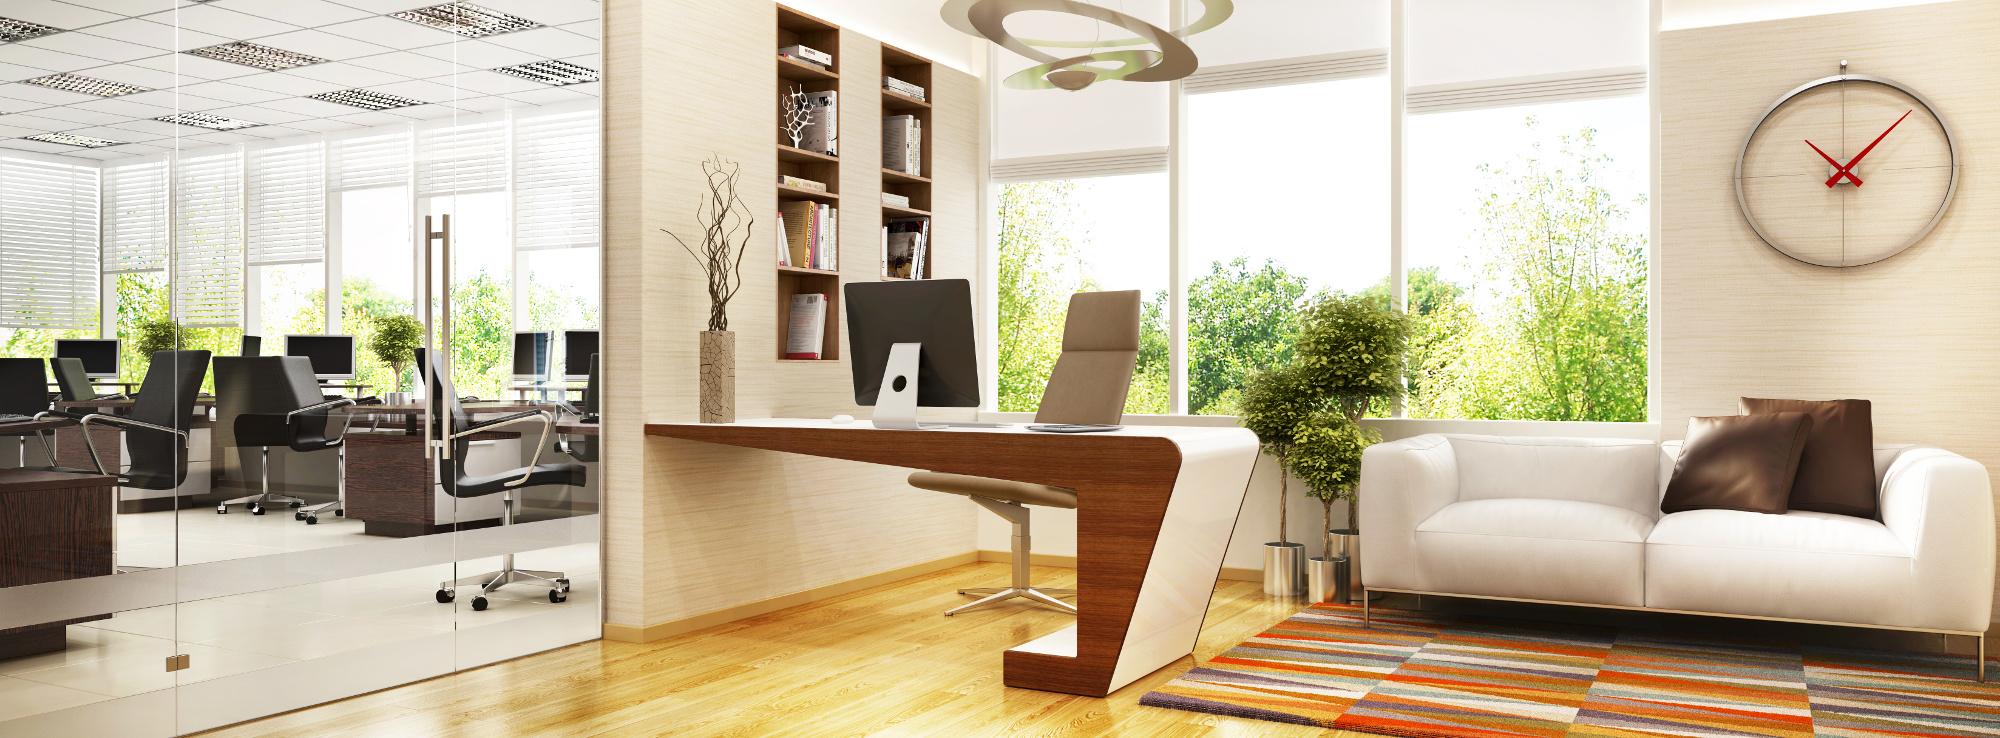 l'ufficio ideale direzionale